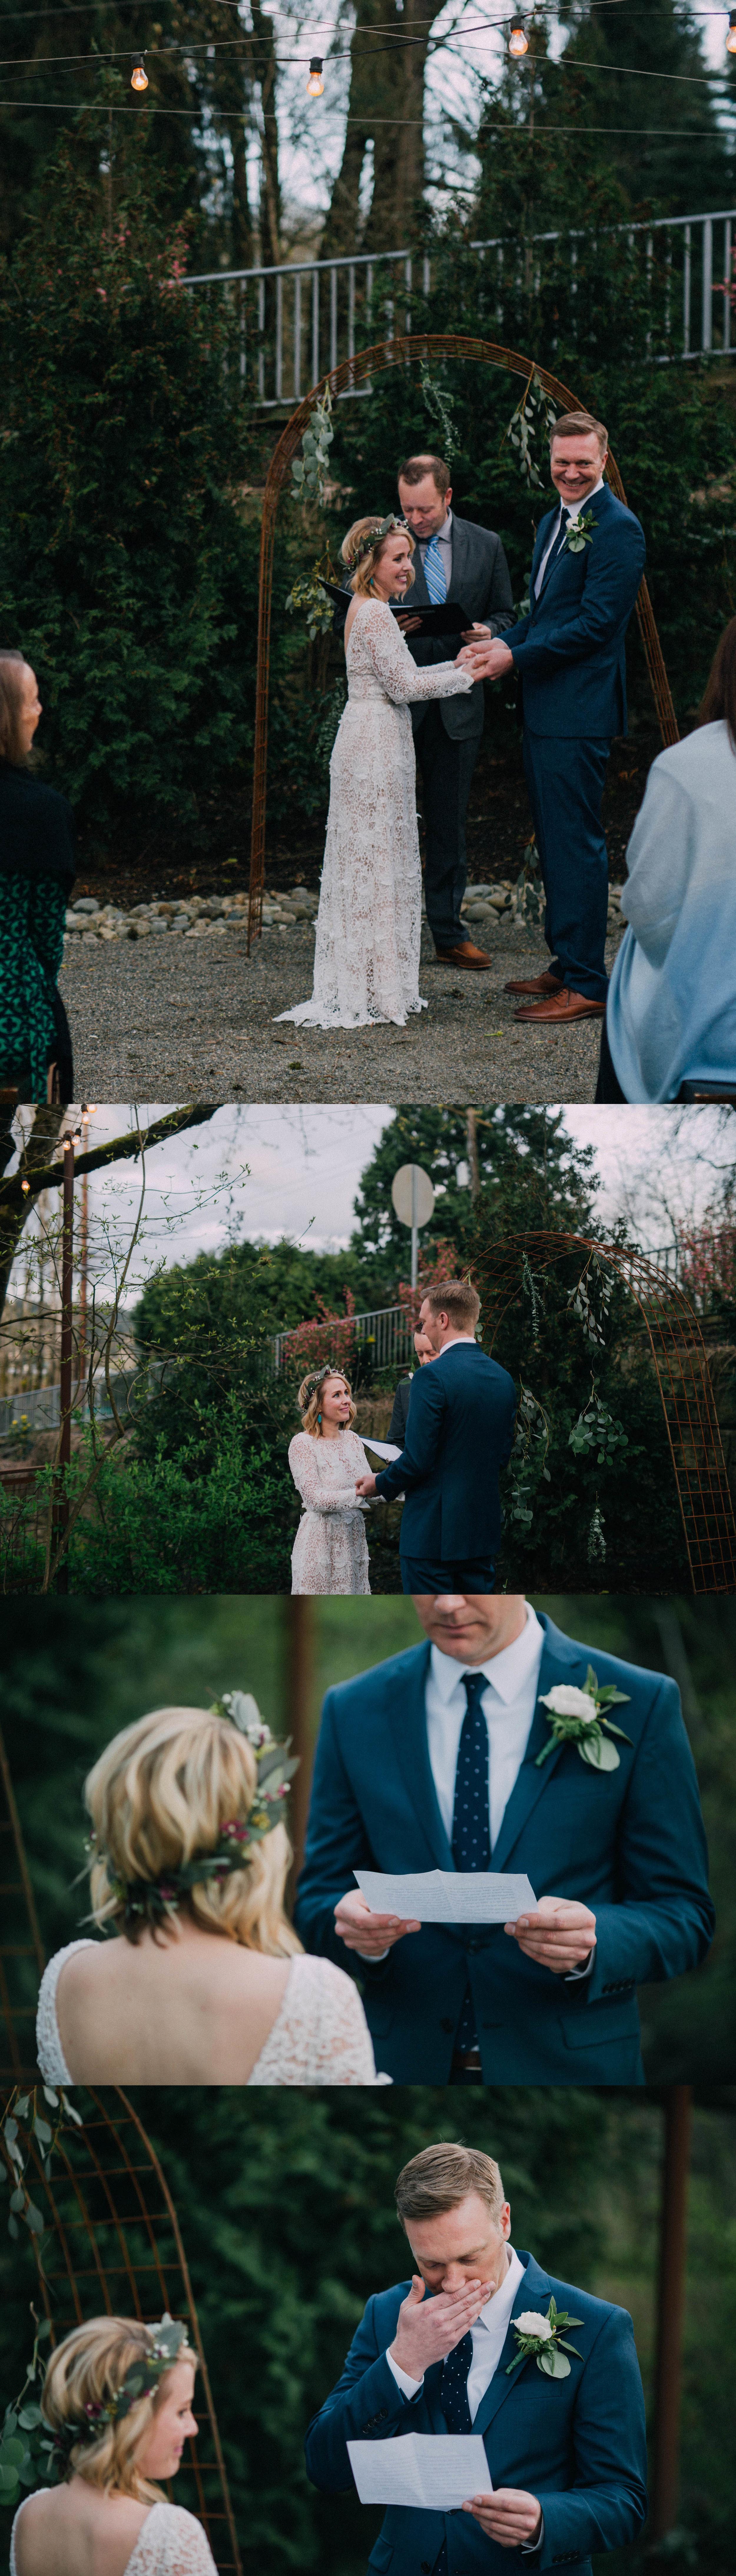 woodinville whiskey company wedding seattle wedding photographer washington-25.jpg